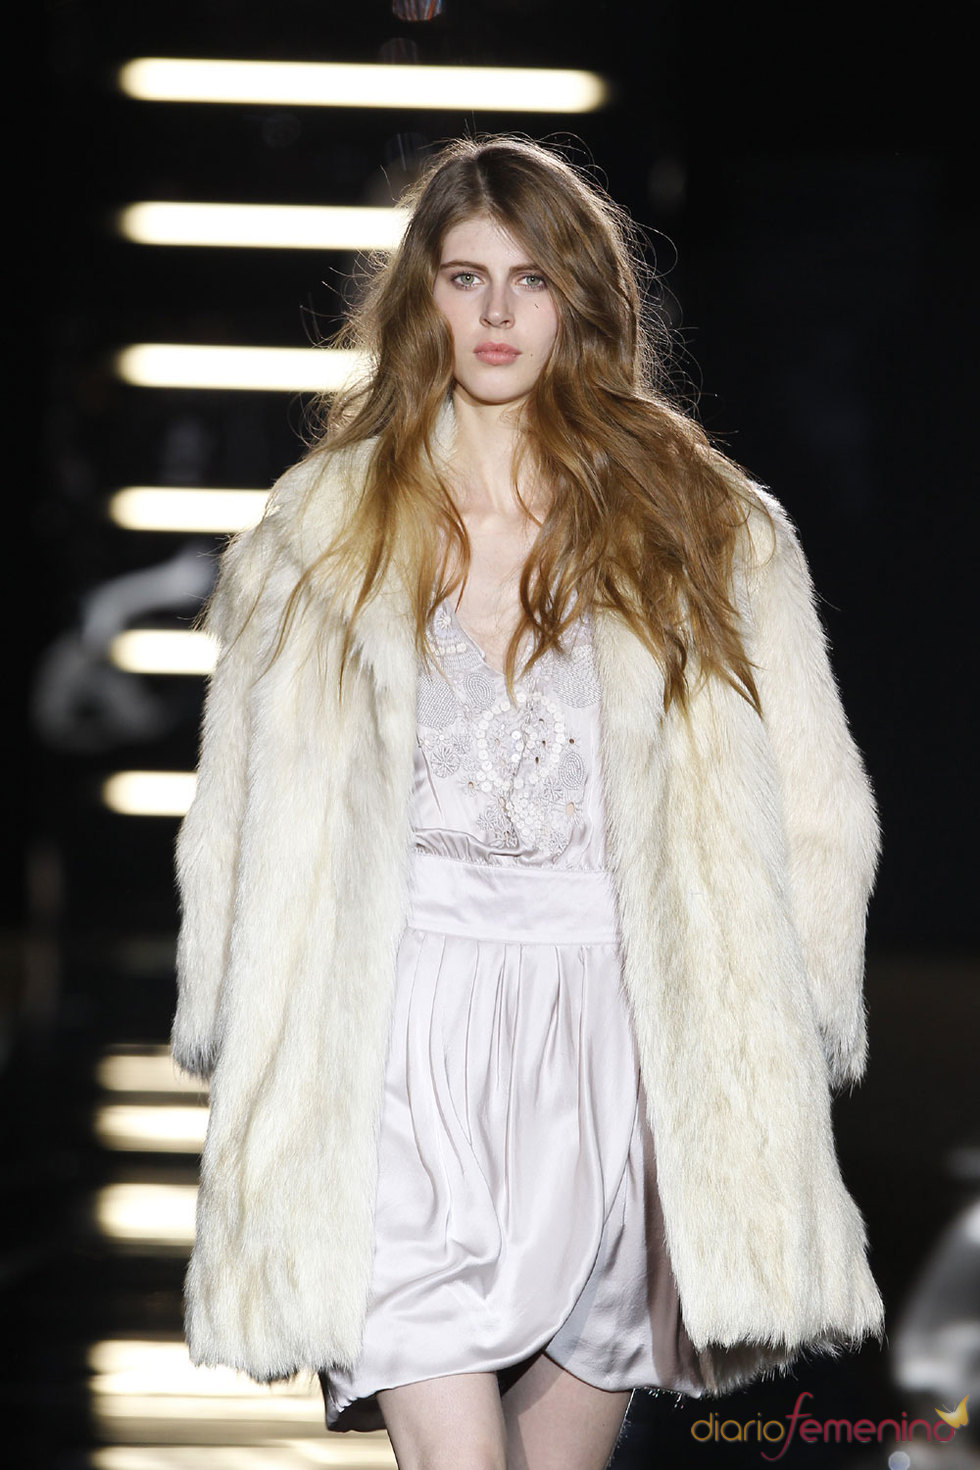 Abrigo de piel de Sita Murt - Cibeles Madrid Fashion Week 2010